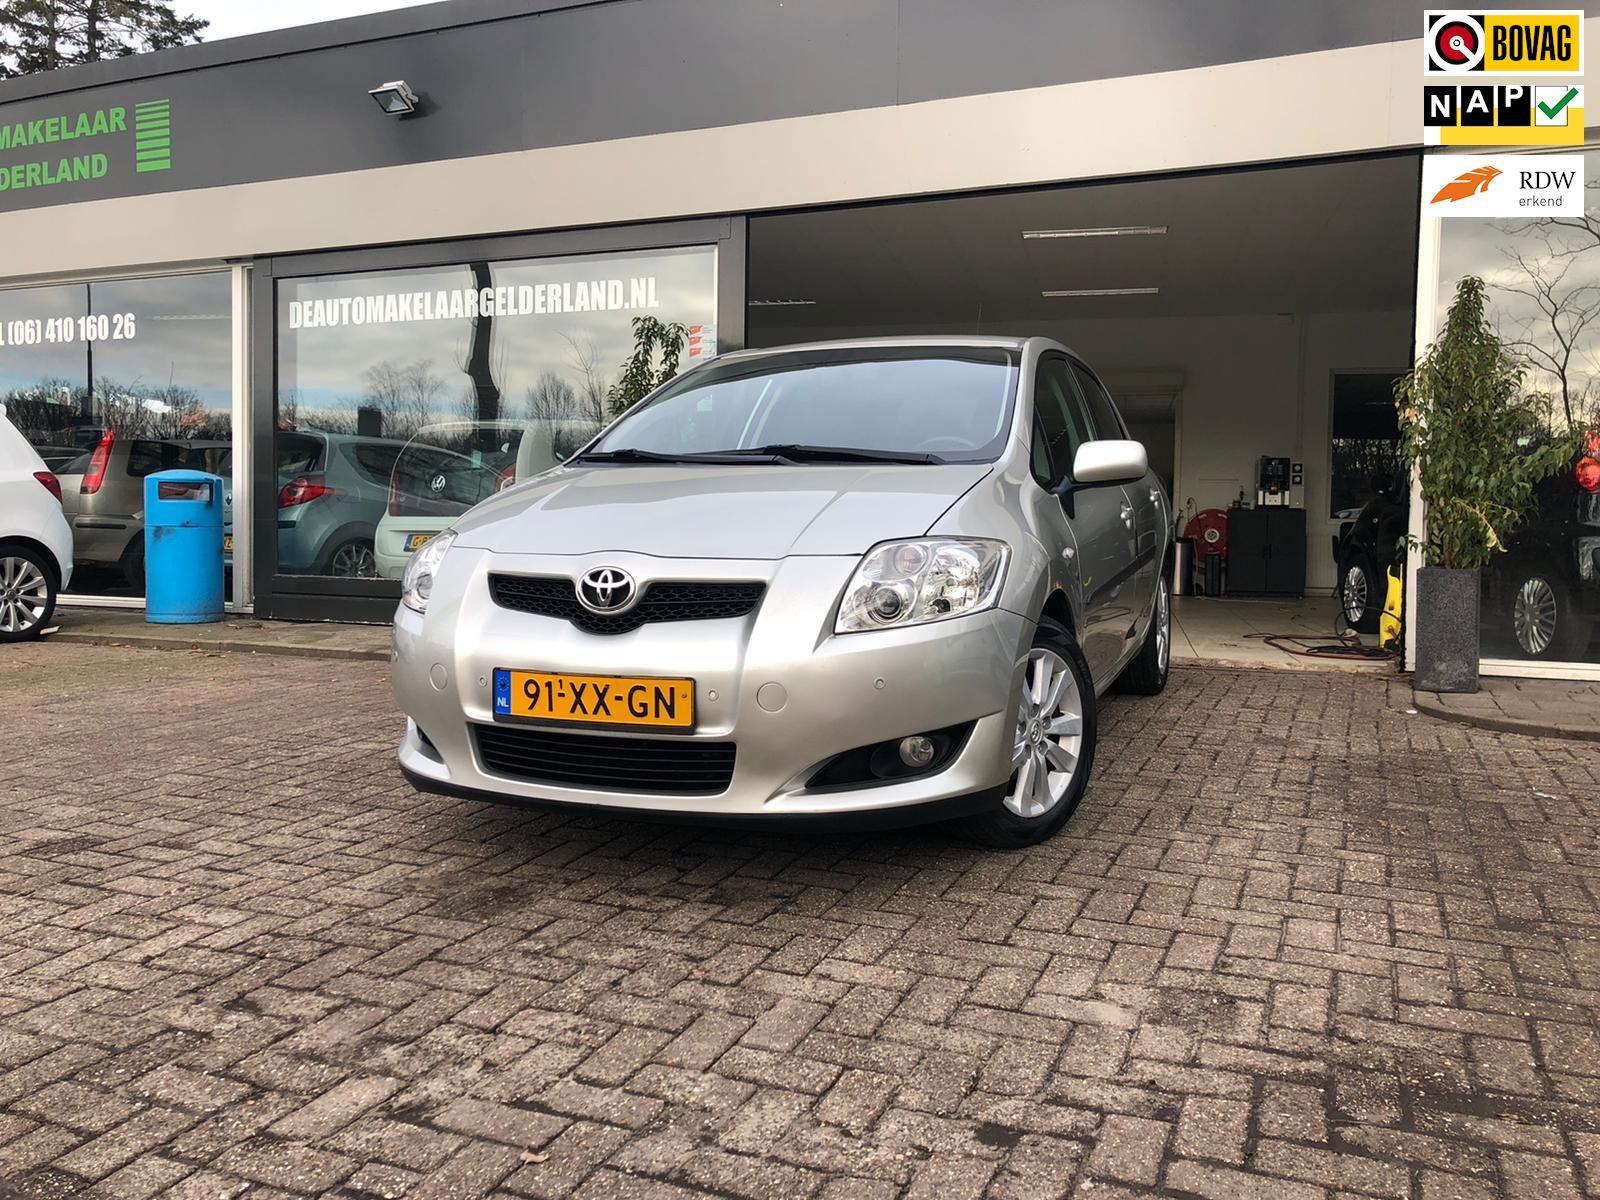 Toyota Auris occasion - De Automakelaar Gelderland